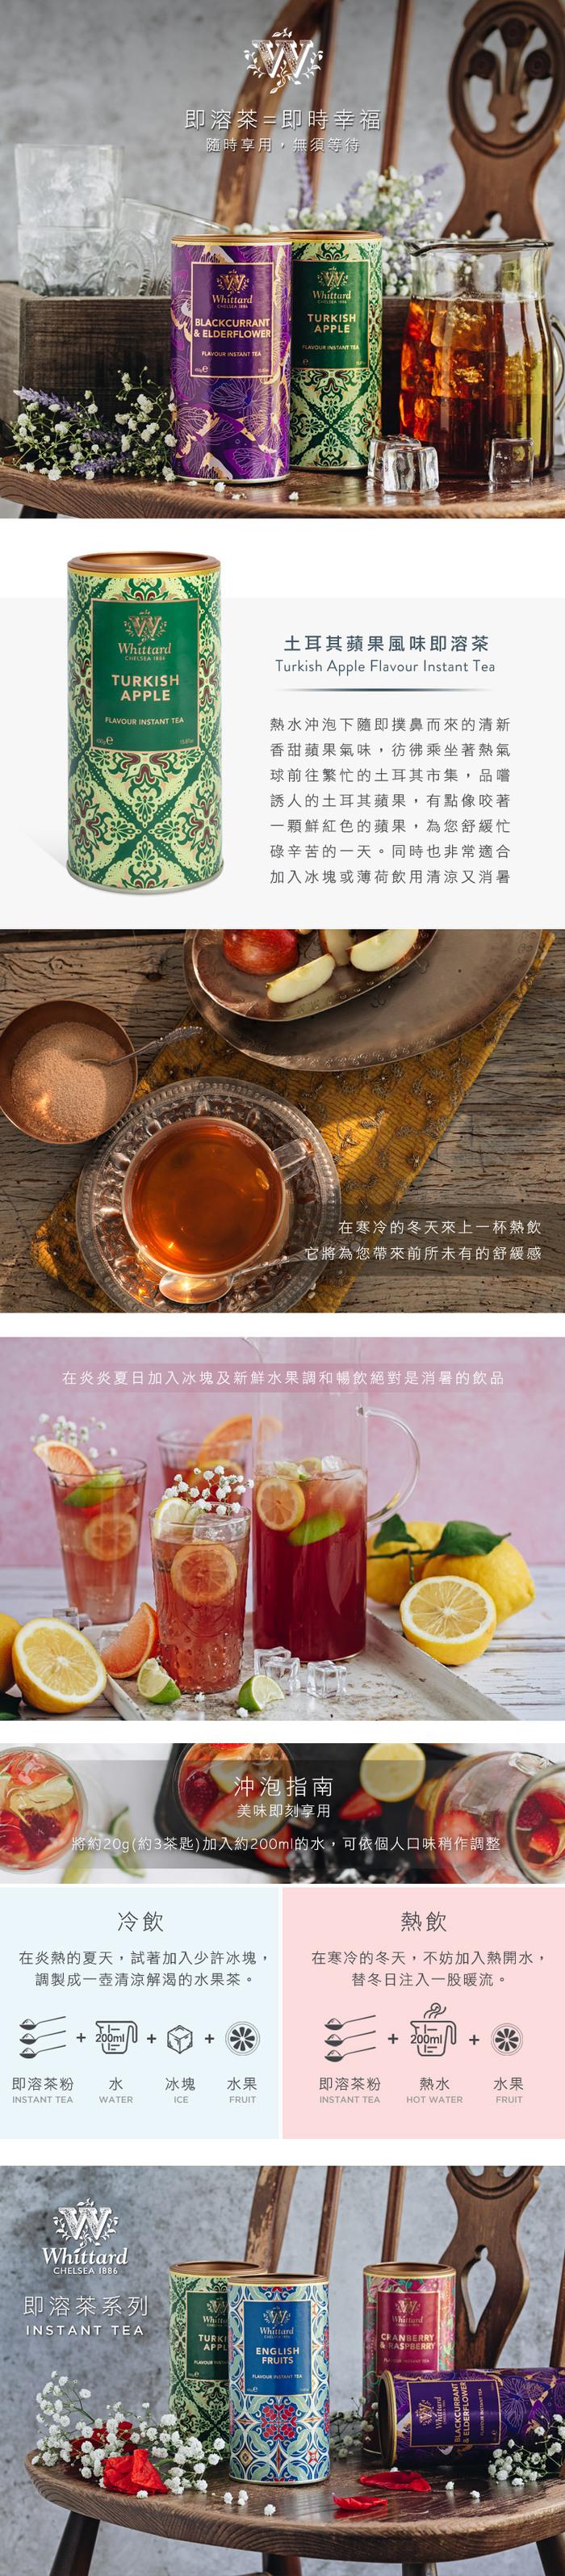 (複製)Whittard | 土耳其蘋果風味即溶茶